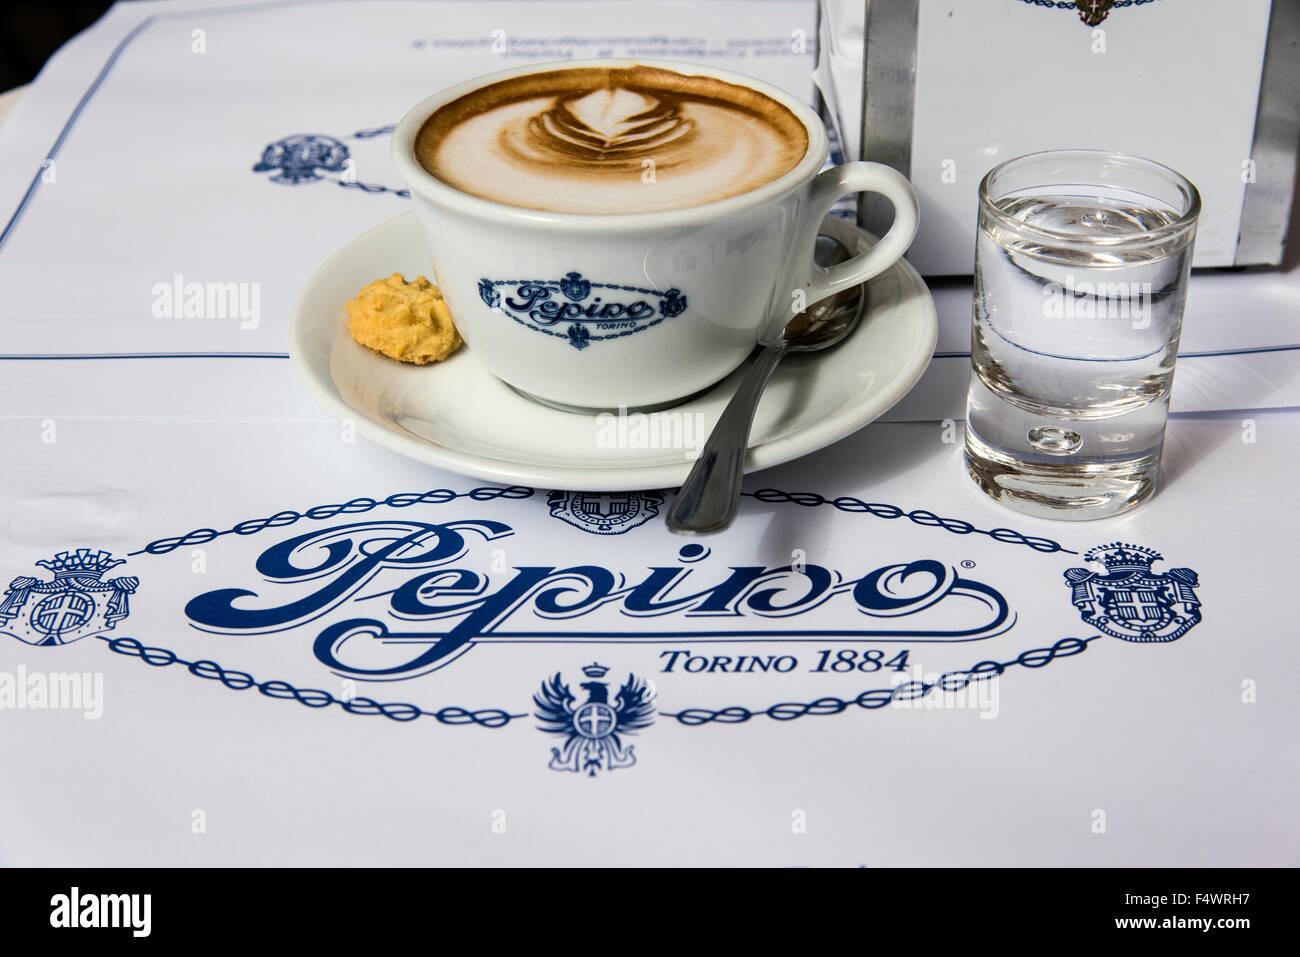 Tazza da colazione servita presso il Caffe Pepino, Torino, Piemonte, Italia Immagini Stock